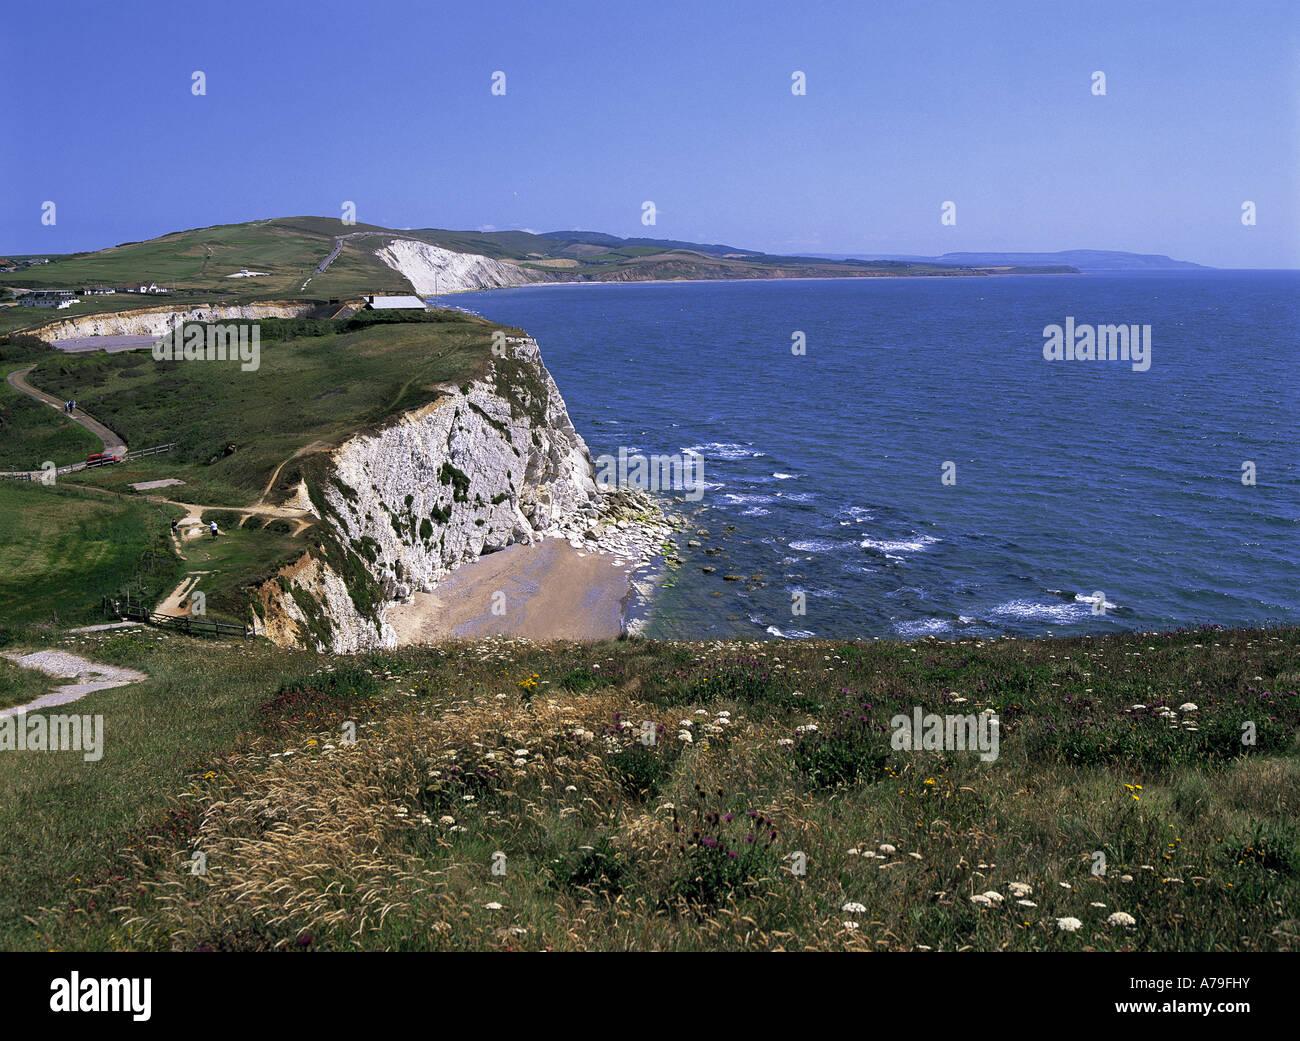 Freshwater Bay Isle of Wight England - Stock Image